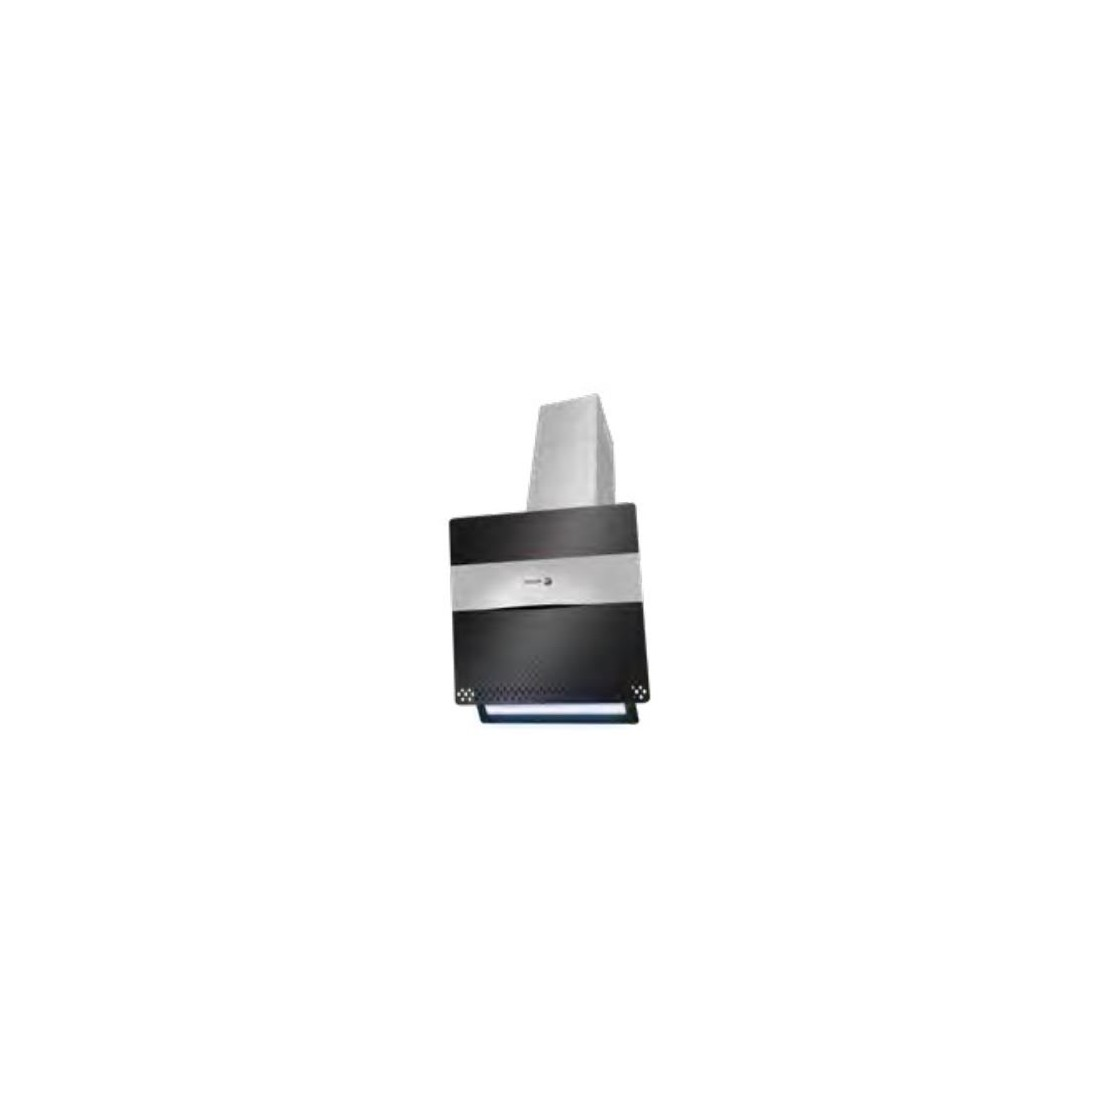 Campana Decorativa - Fagor 3CFT-610N, Eficiencia A, Acero Inoxidable y negro, Inclinada